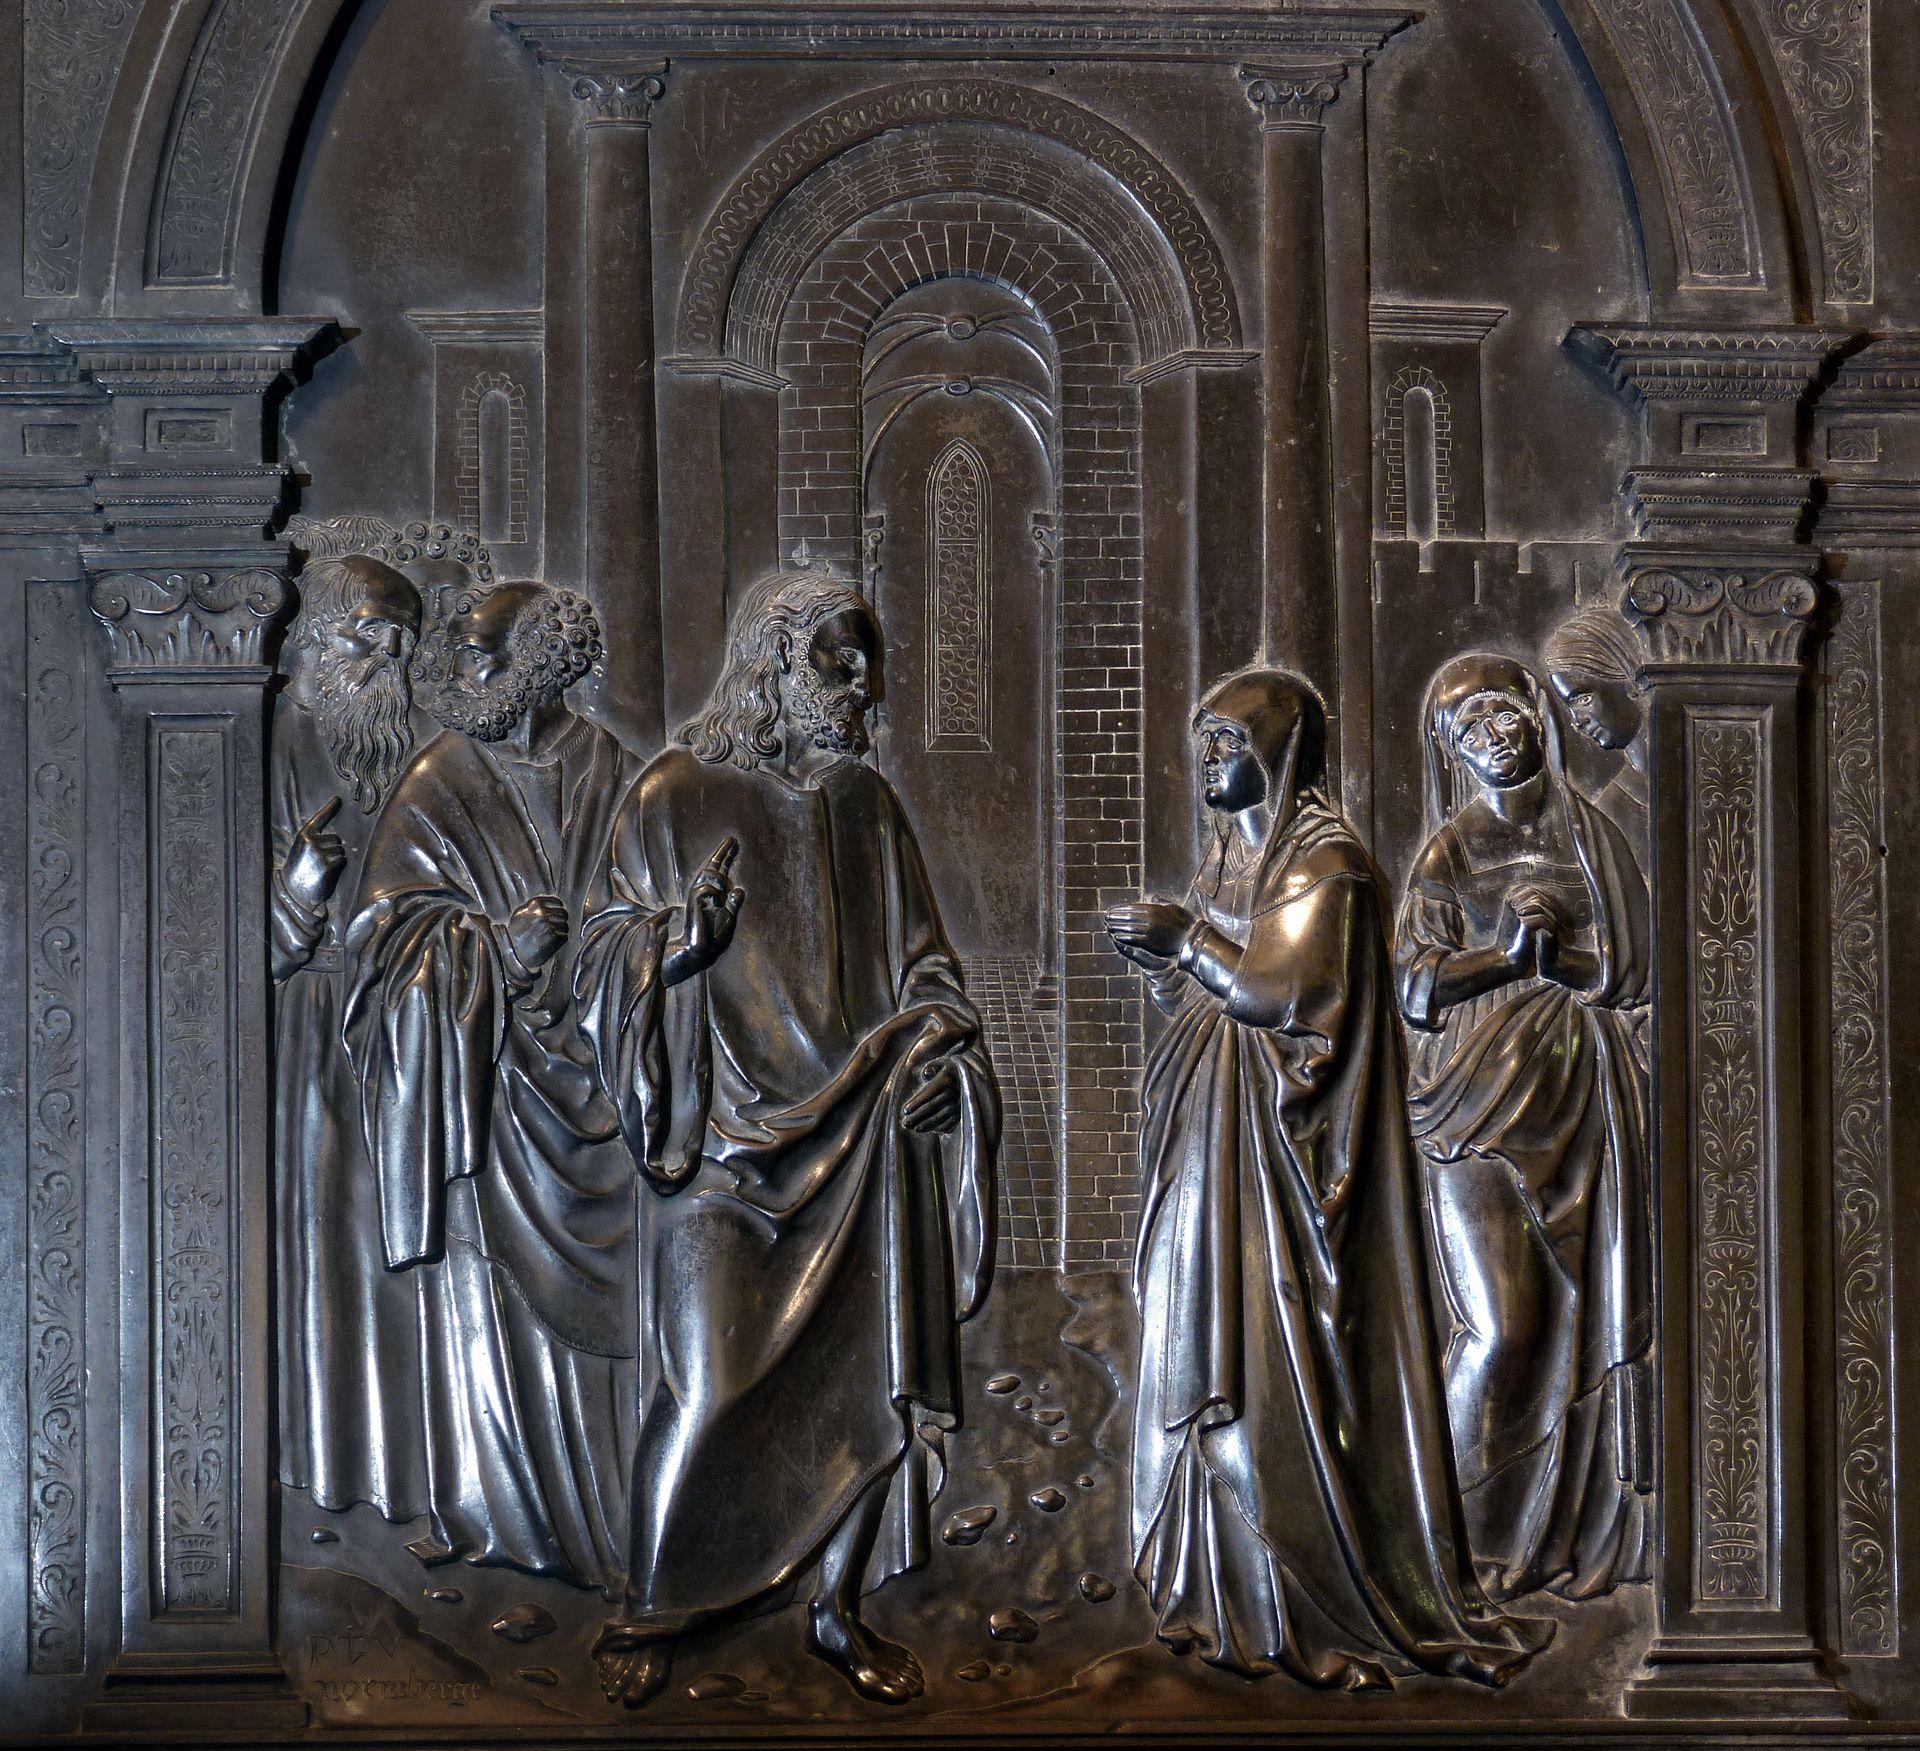 Messingepitaph der Margarete Tucher Jesus mit dem Kanaanäischen Weib, Blitzaufnahme